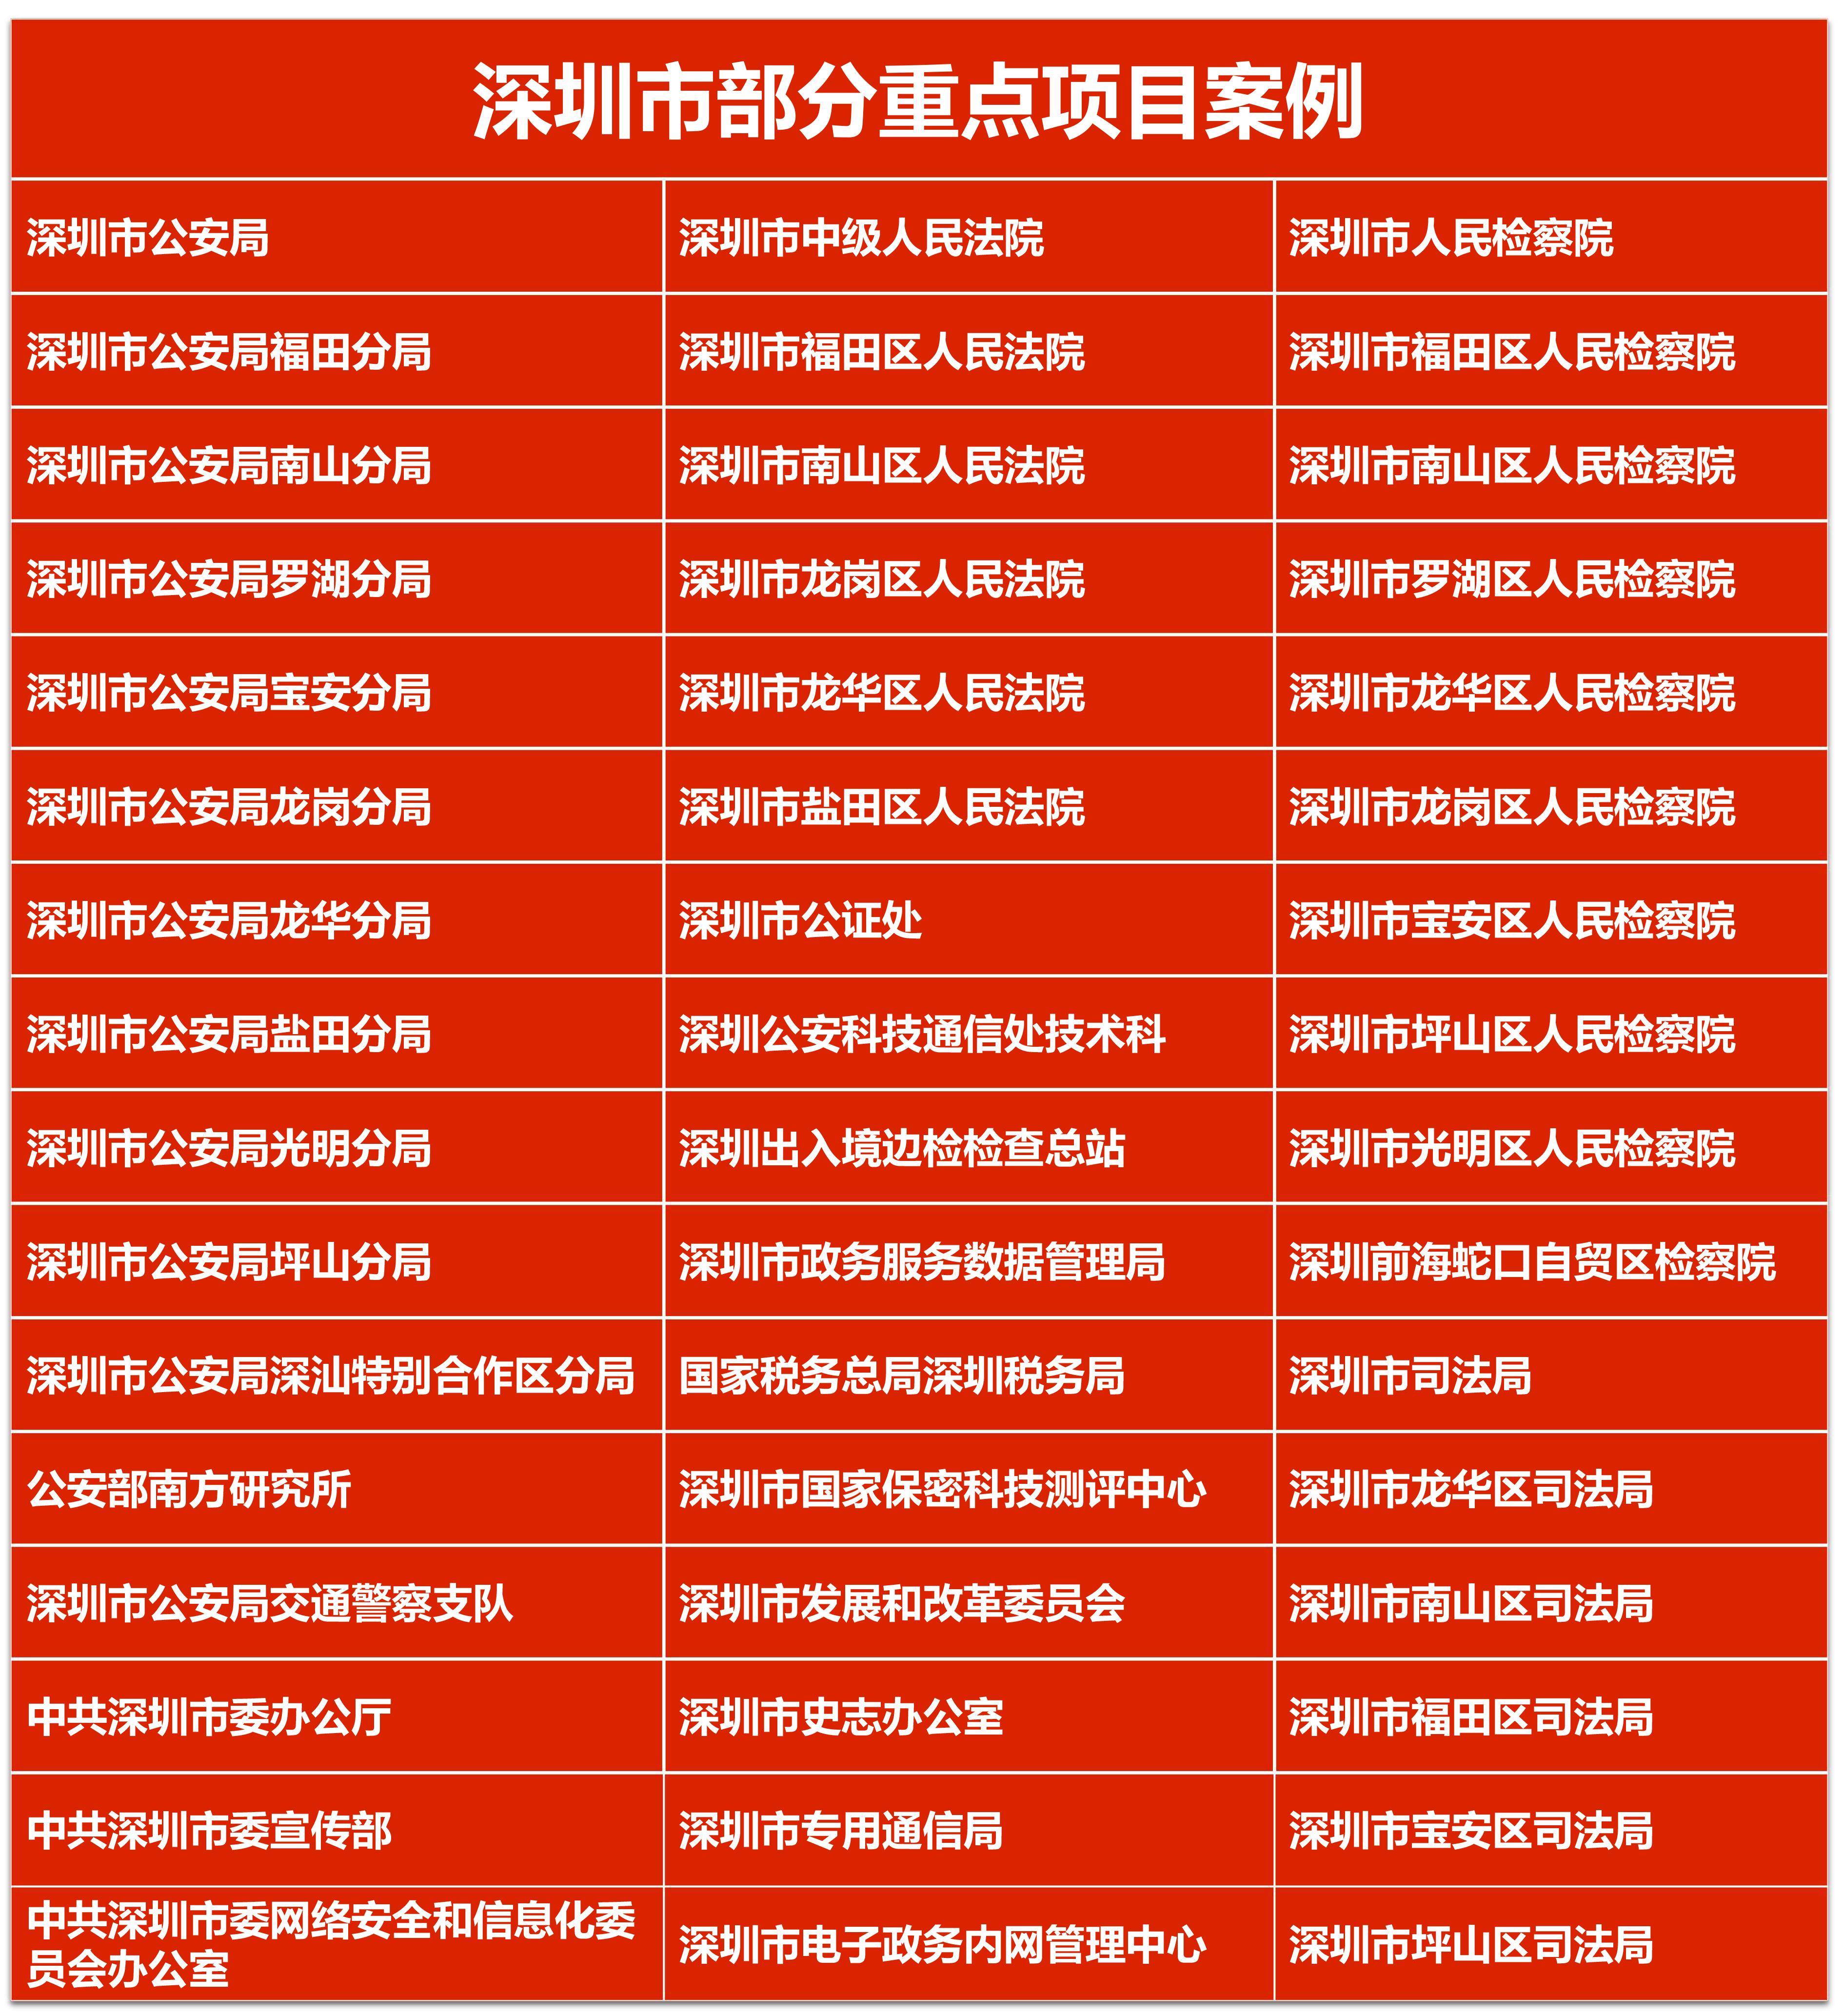 """【重点案例】筑泰赋能""""智慧深圳""""建设"""